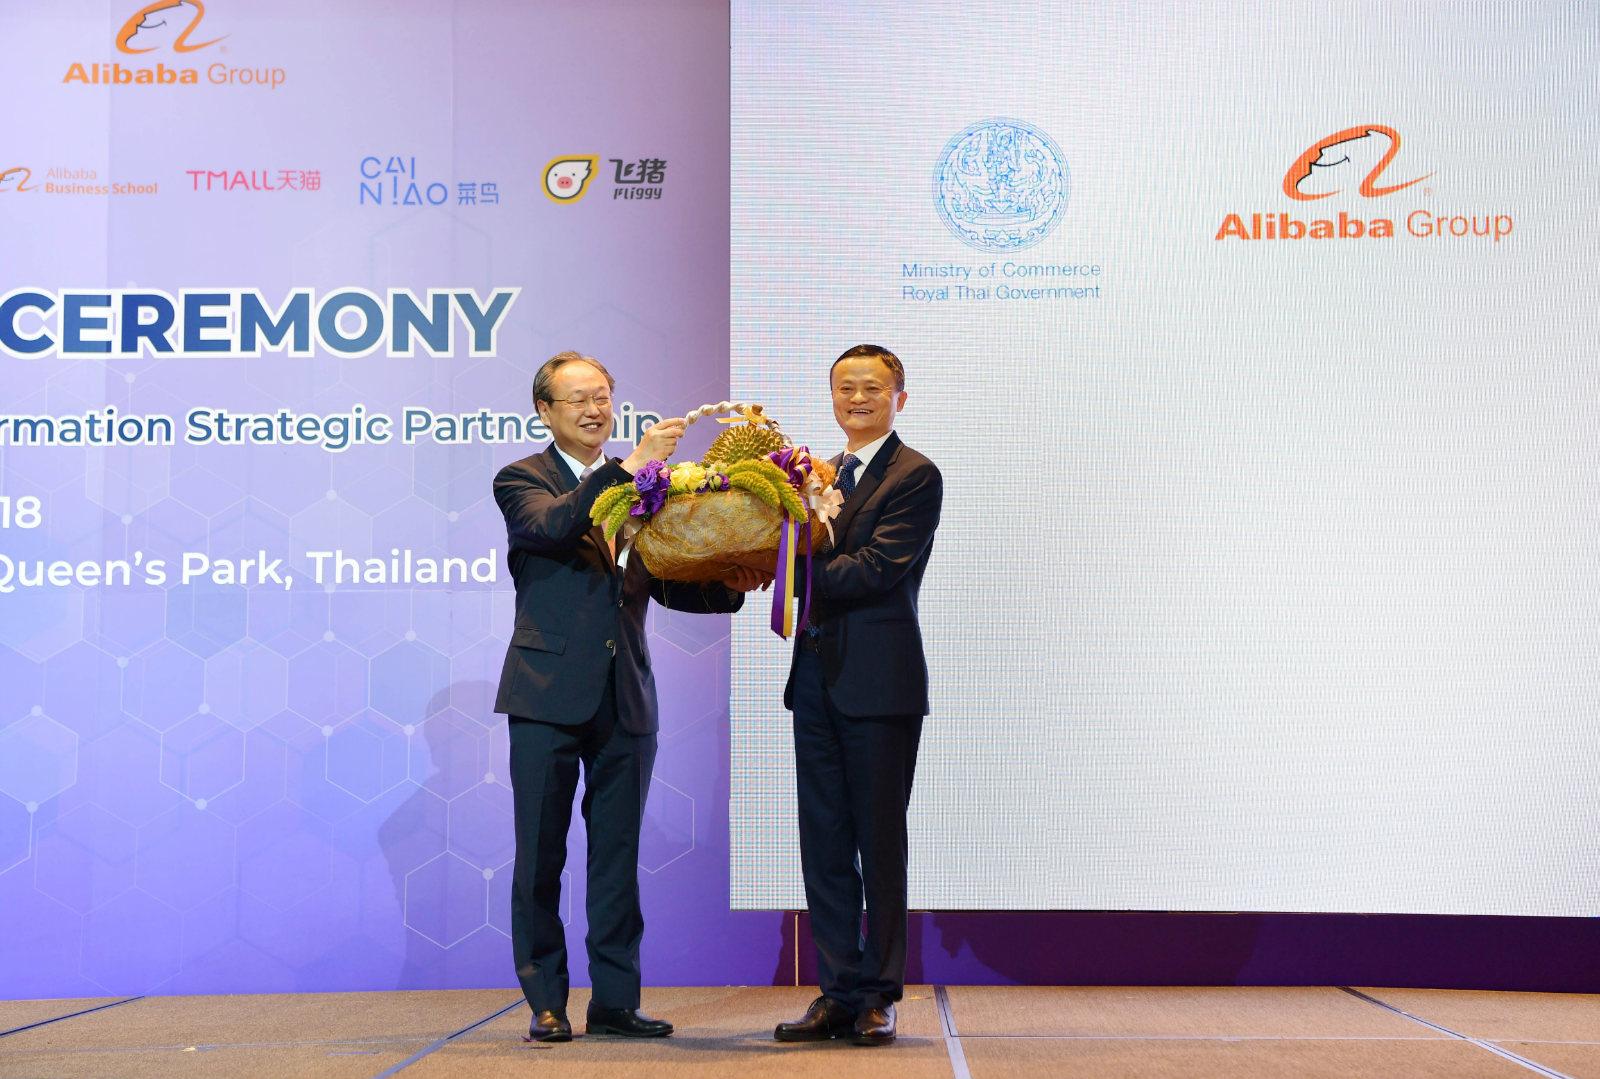 配图1 阿里巴巴董事局主席马云接受泰国商务部长赠送的泰国金枕头榴莲_meitu_19